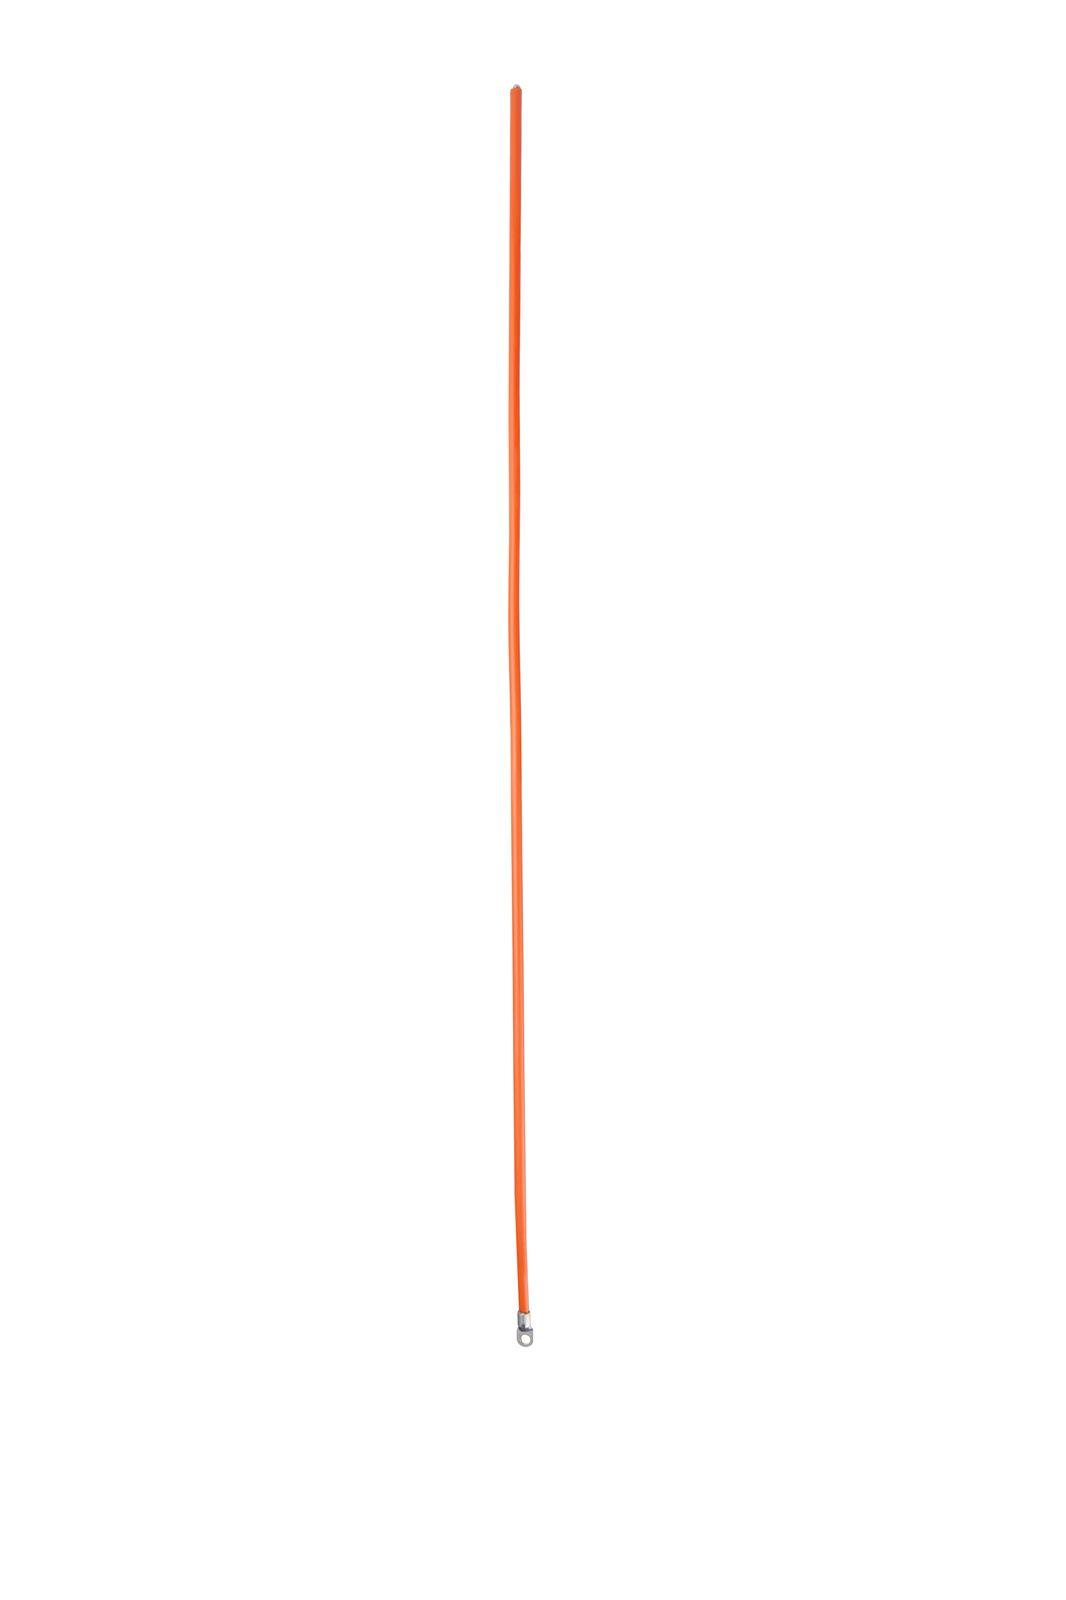 Antenne collier GARMIN 23562